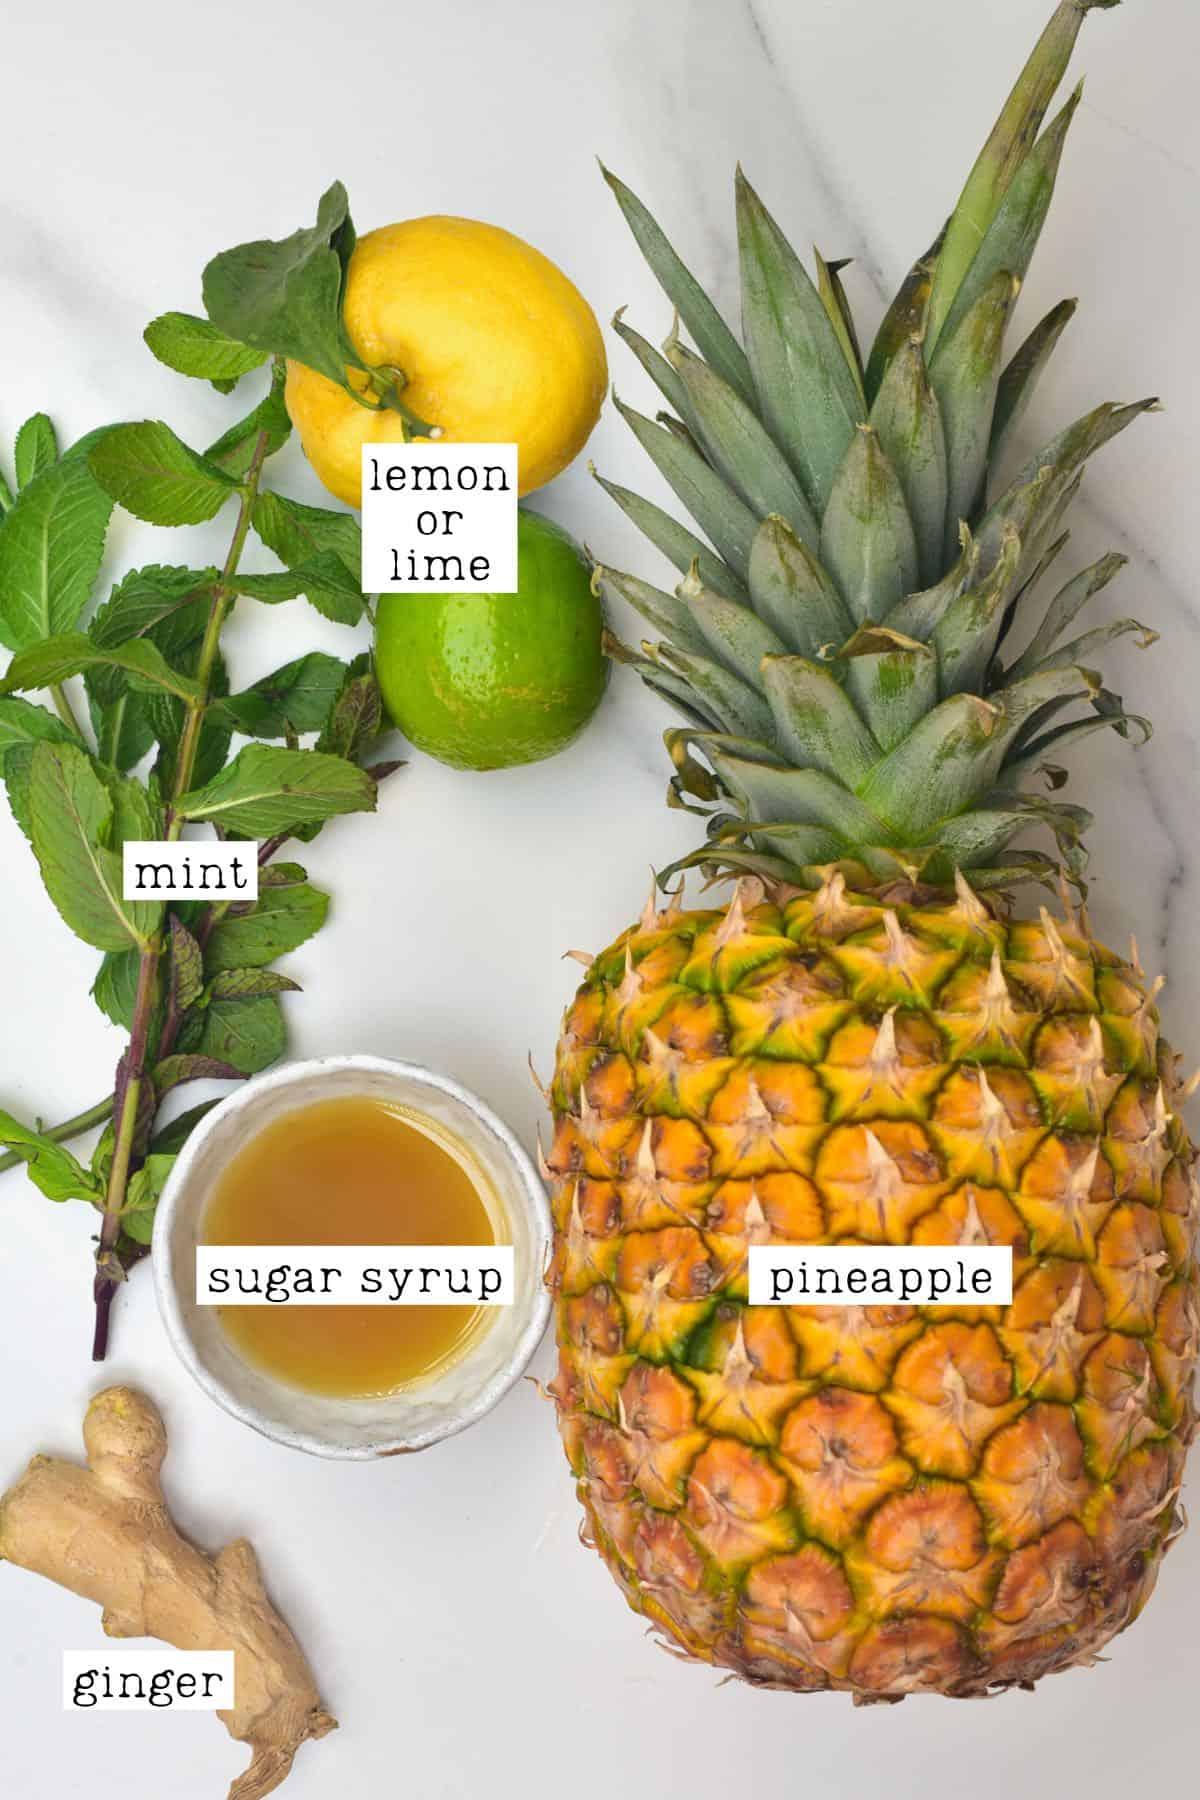 Ingredients for pineapple lemonade